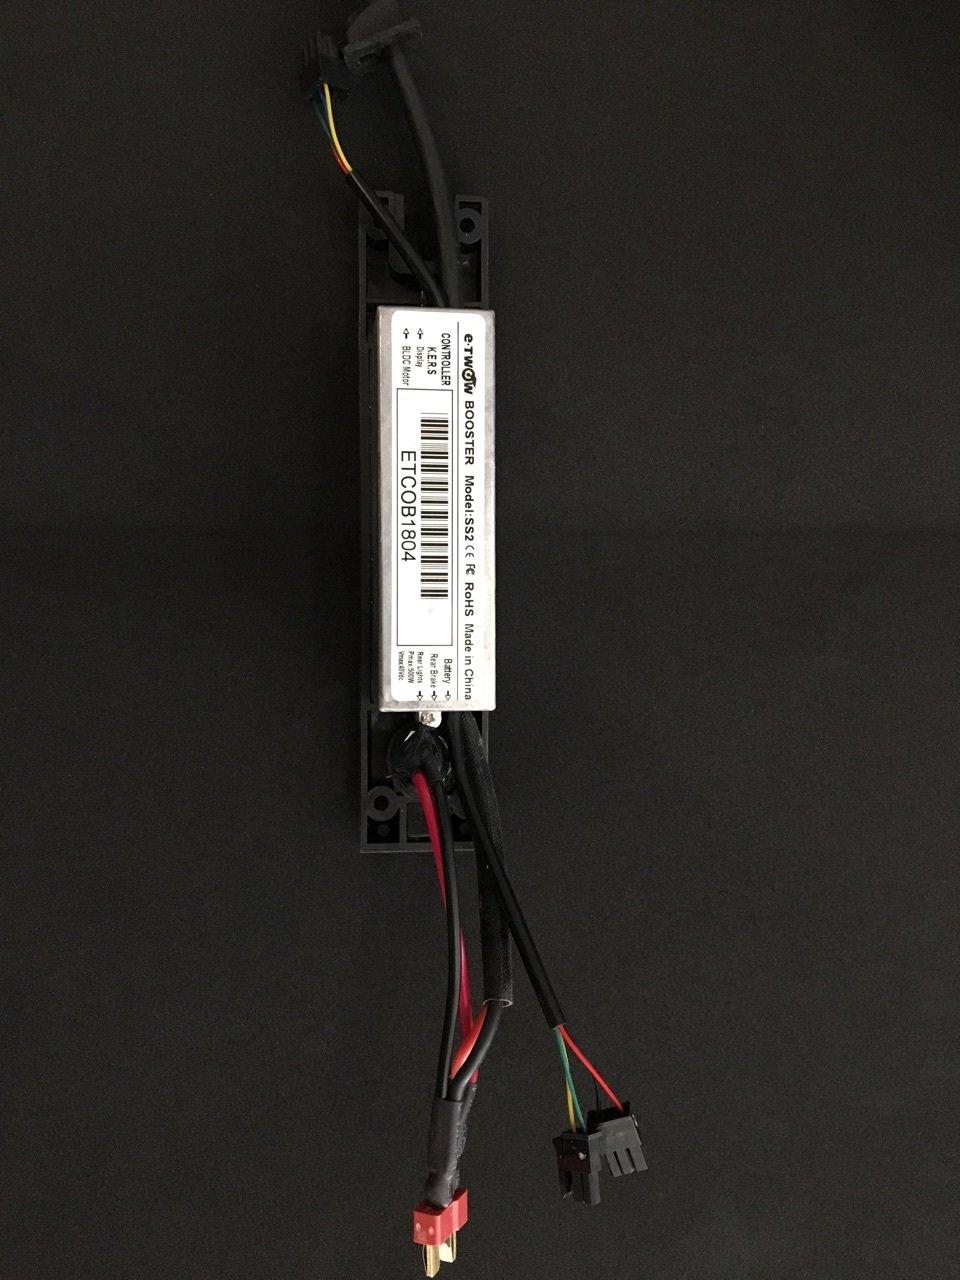 Controleur ancien S2 Booster, fiche carrée V2 spring wire